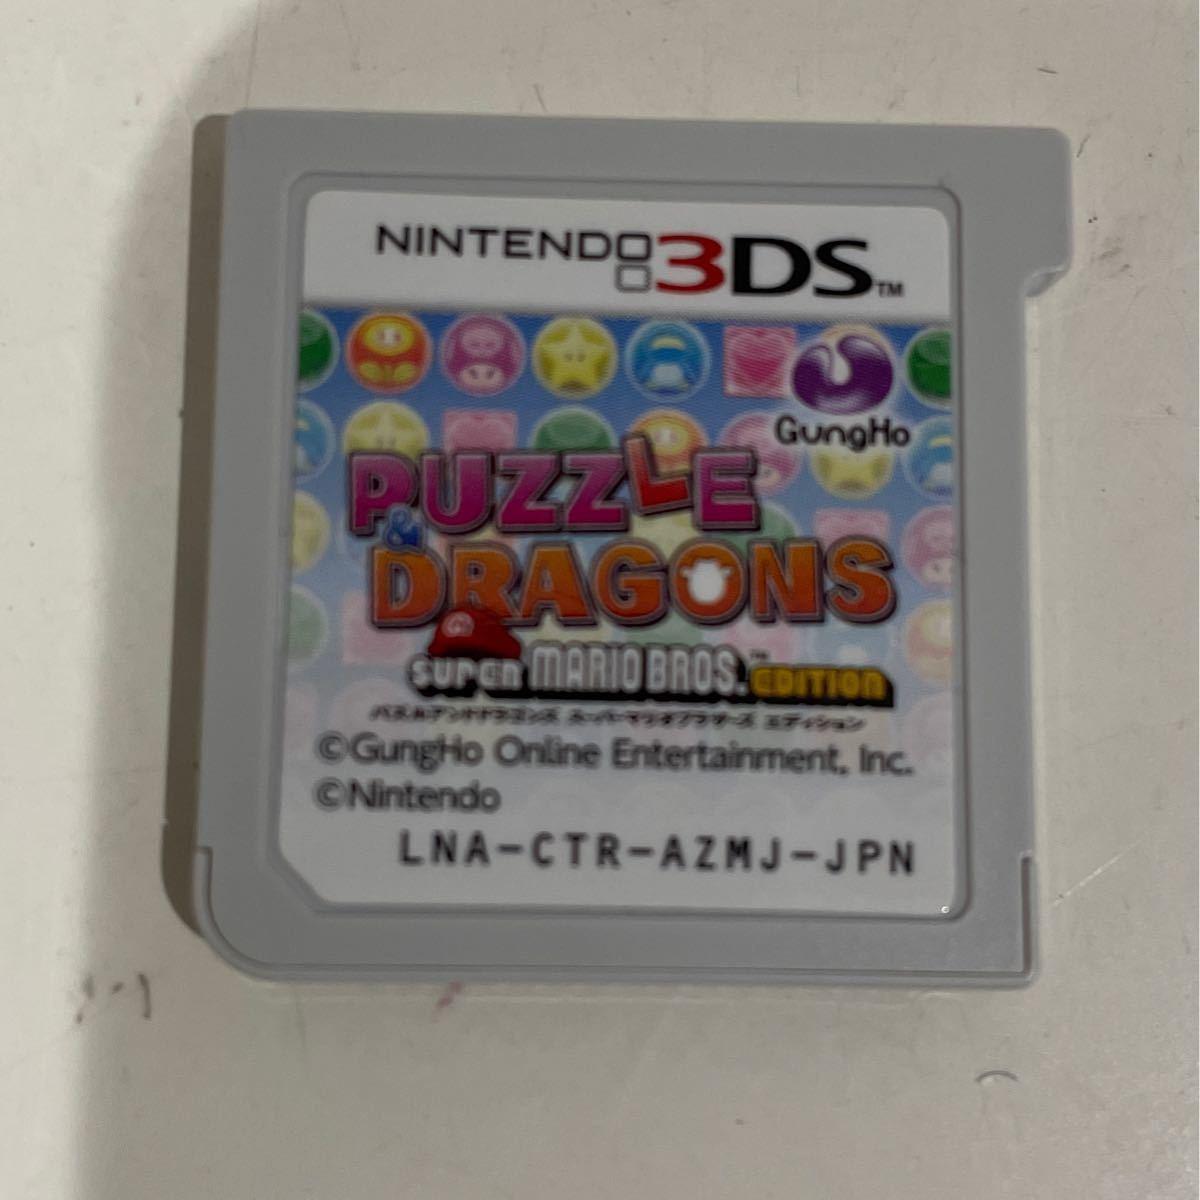 パズドラ/スーパーマリオブラザーズエディション パズルアンドドラゴン ニンテンドー3DS ソフト